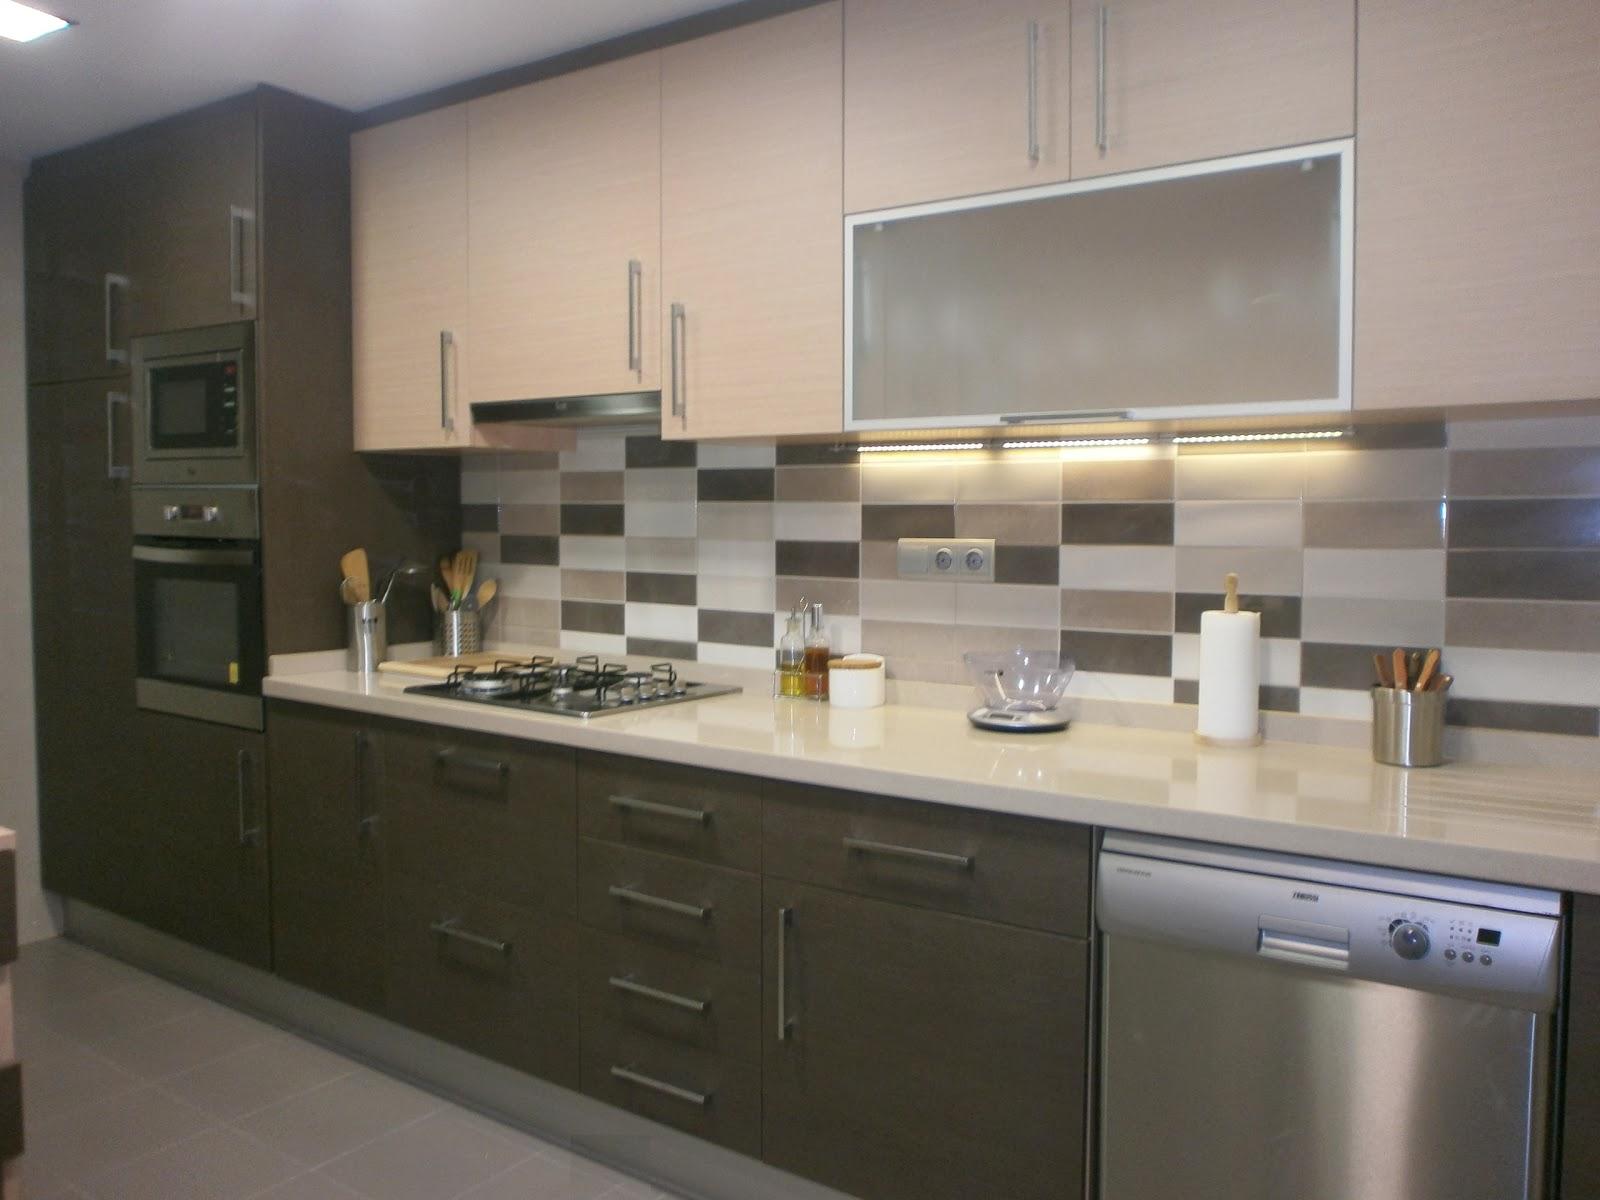 Dise o intemporal una sobria cocina en dos tonos for Una cocina moderna